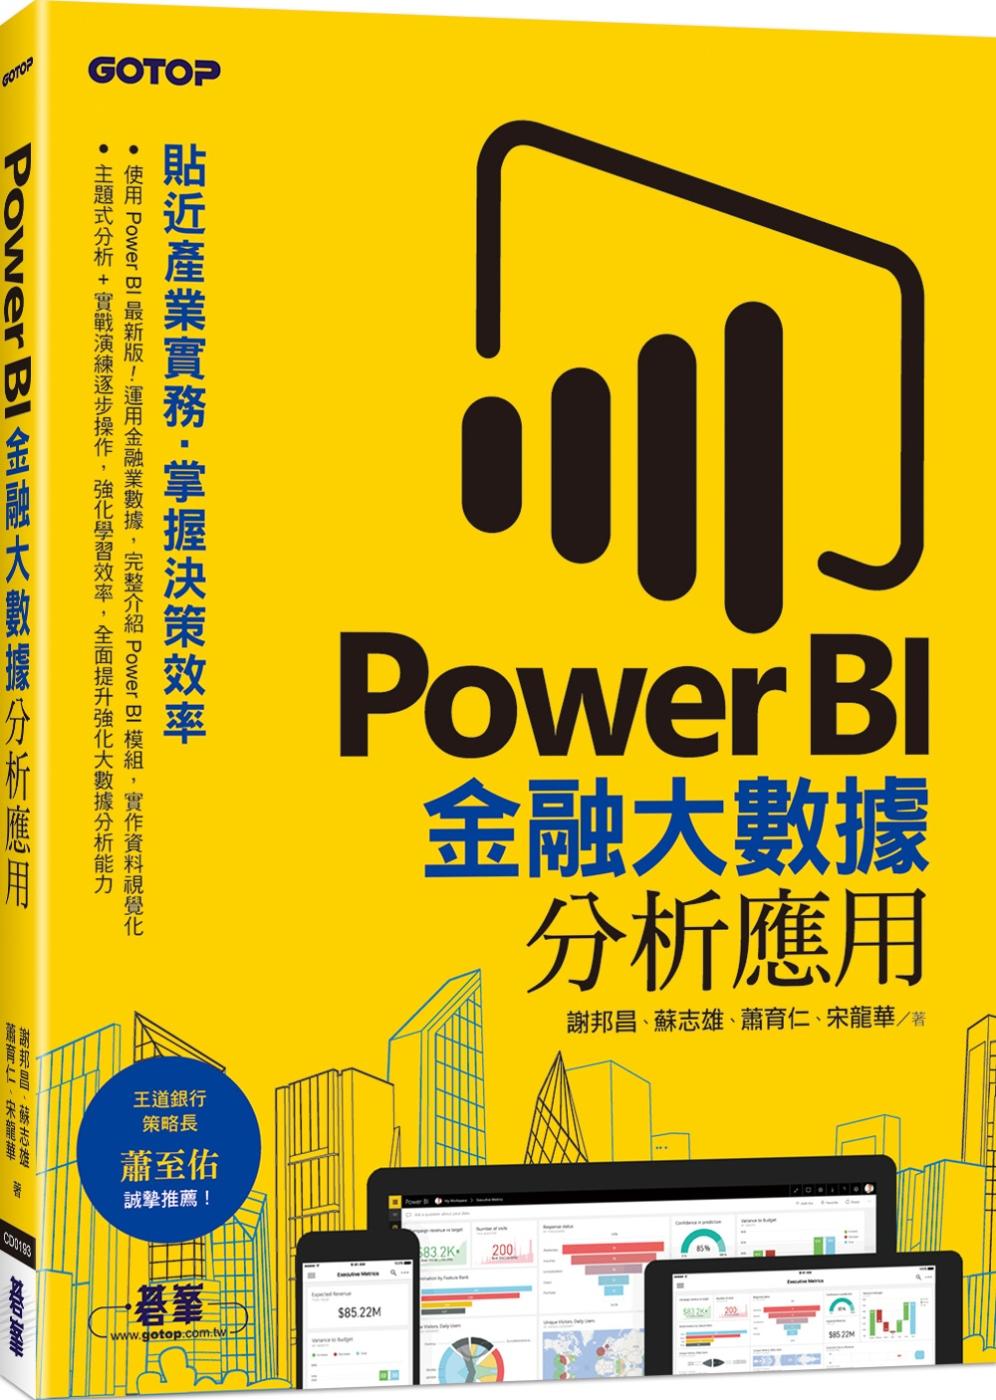 Power BI...